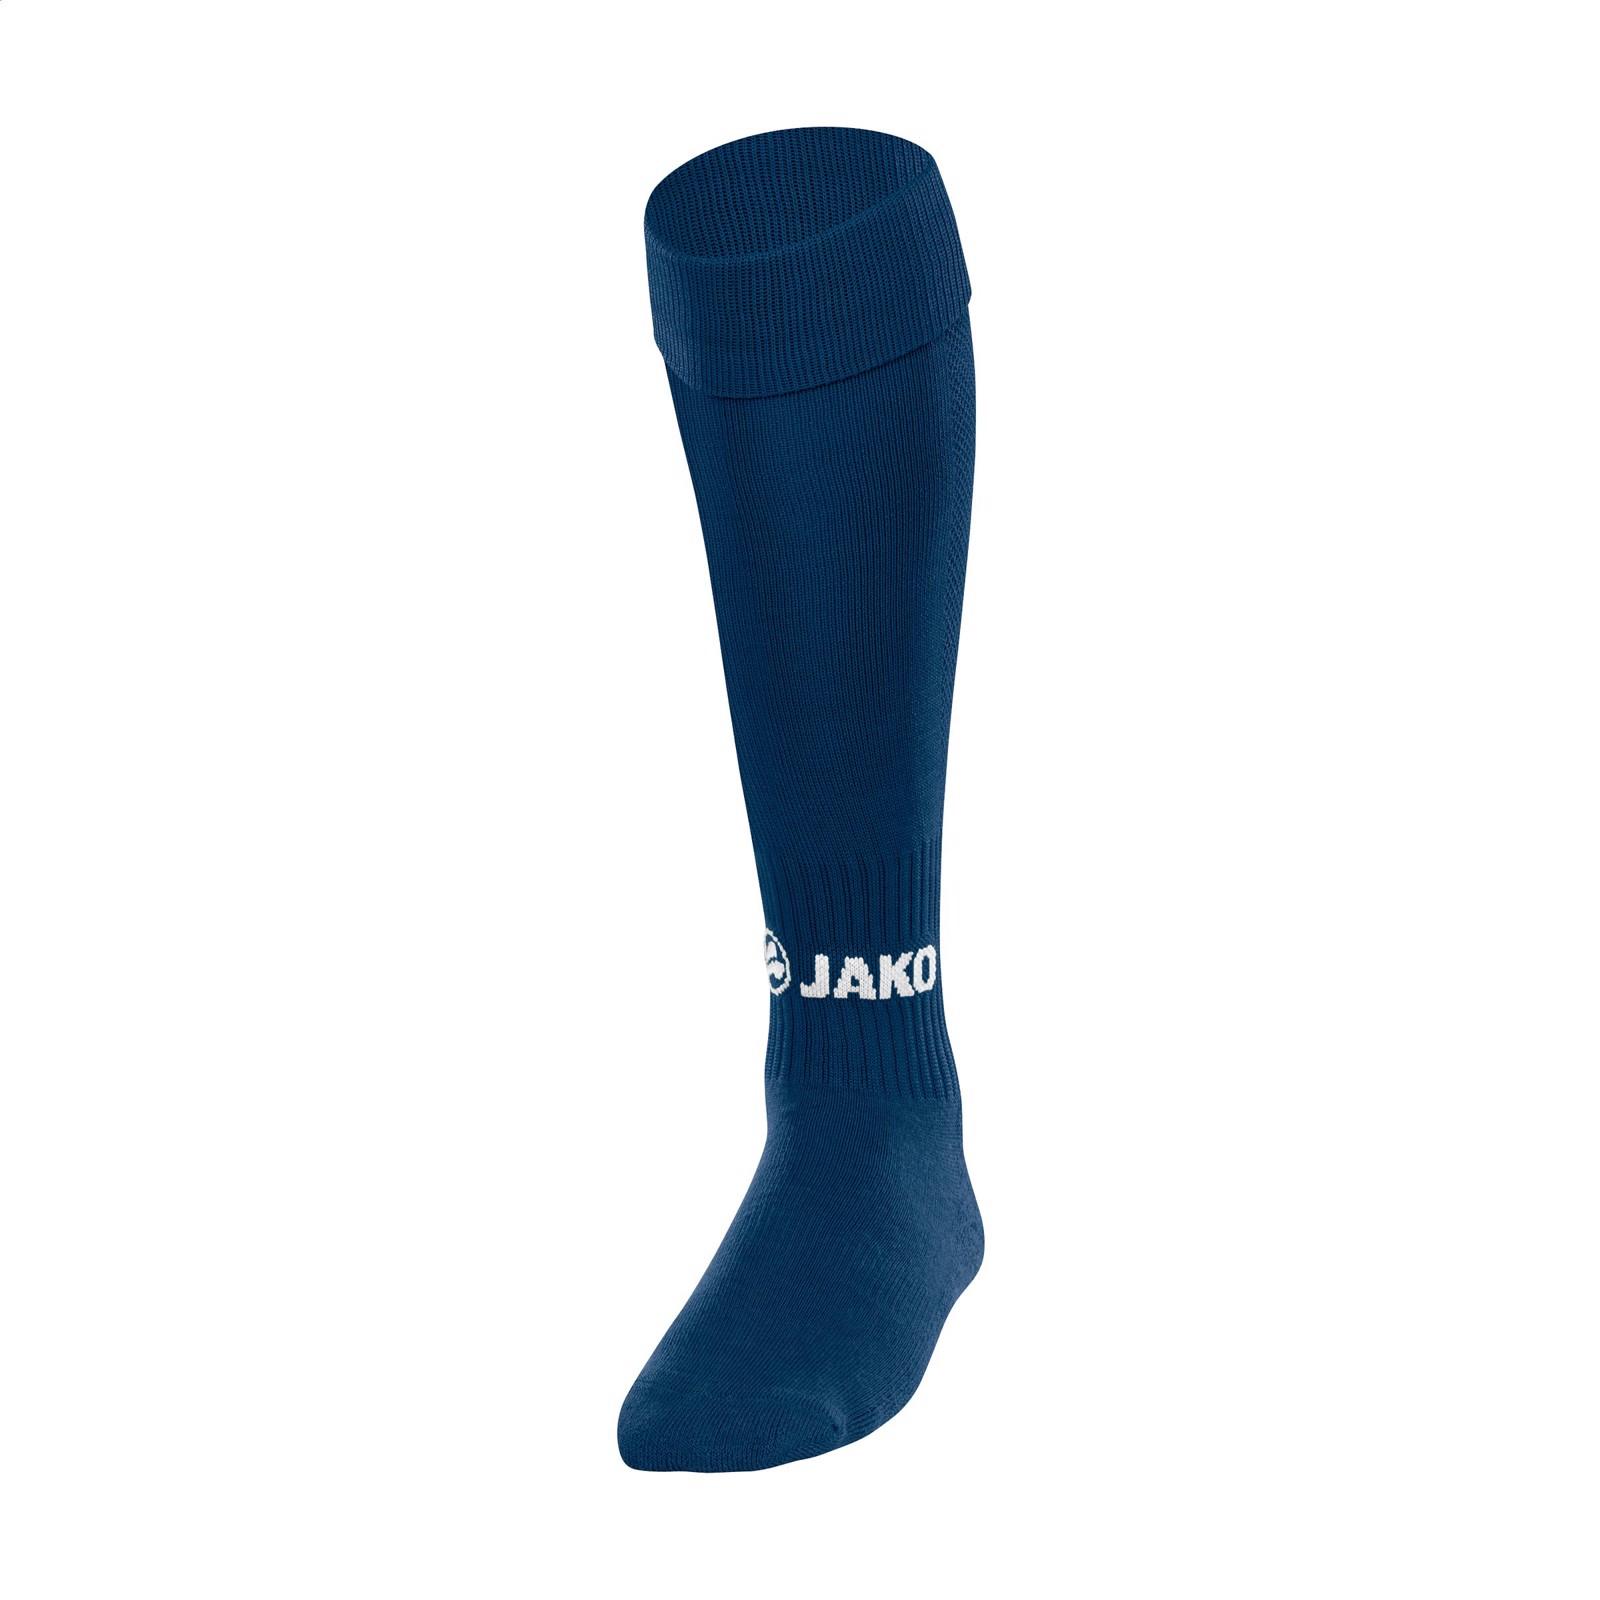 Jako® Glasgow Sport Socks Kids - Navy / S